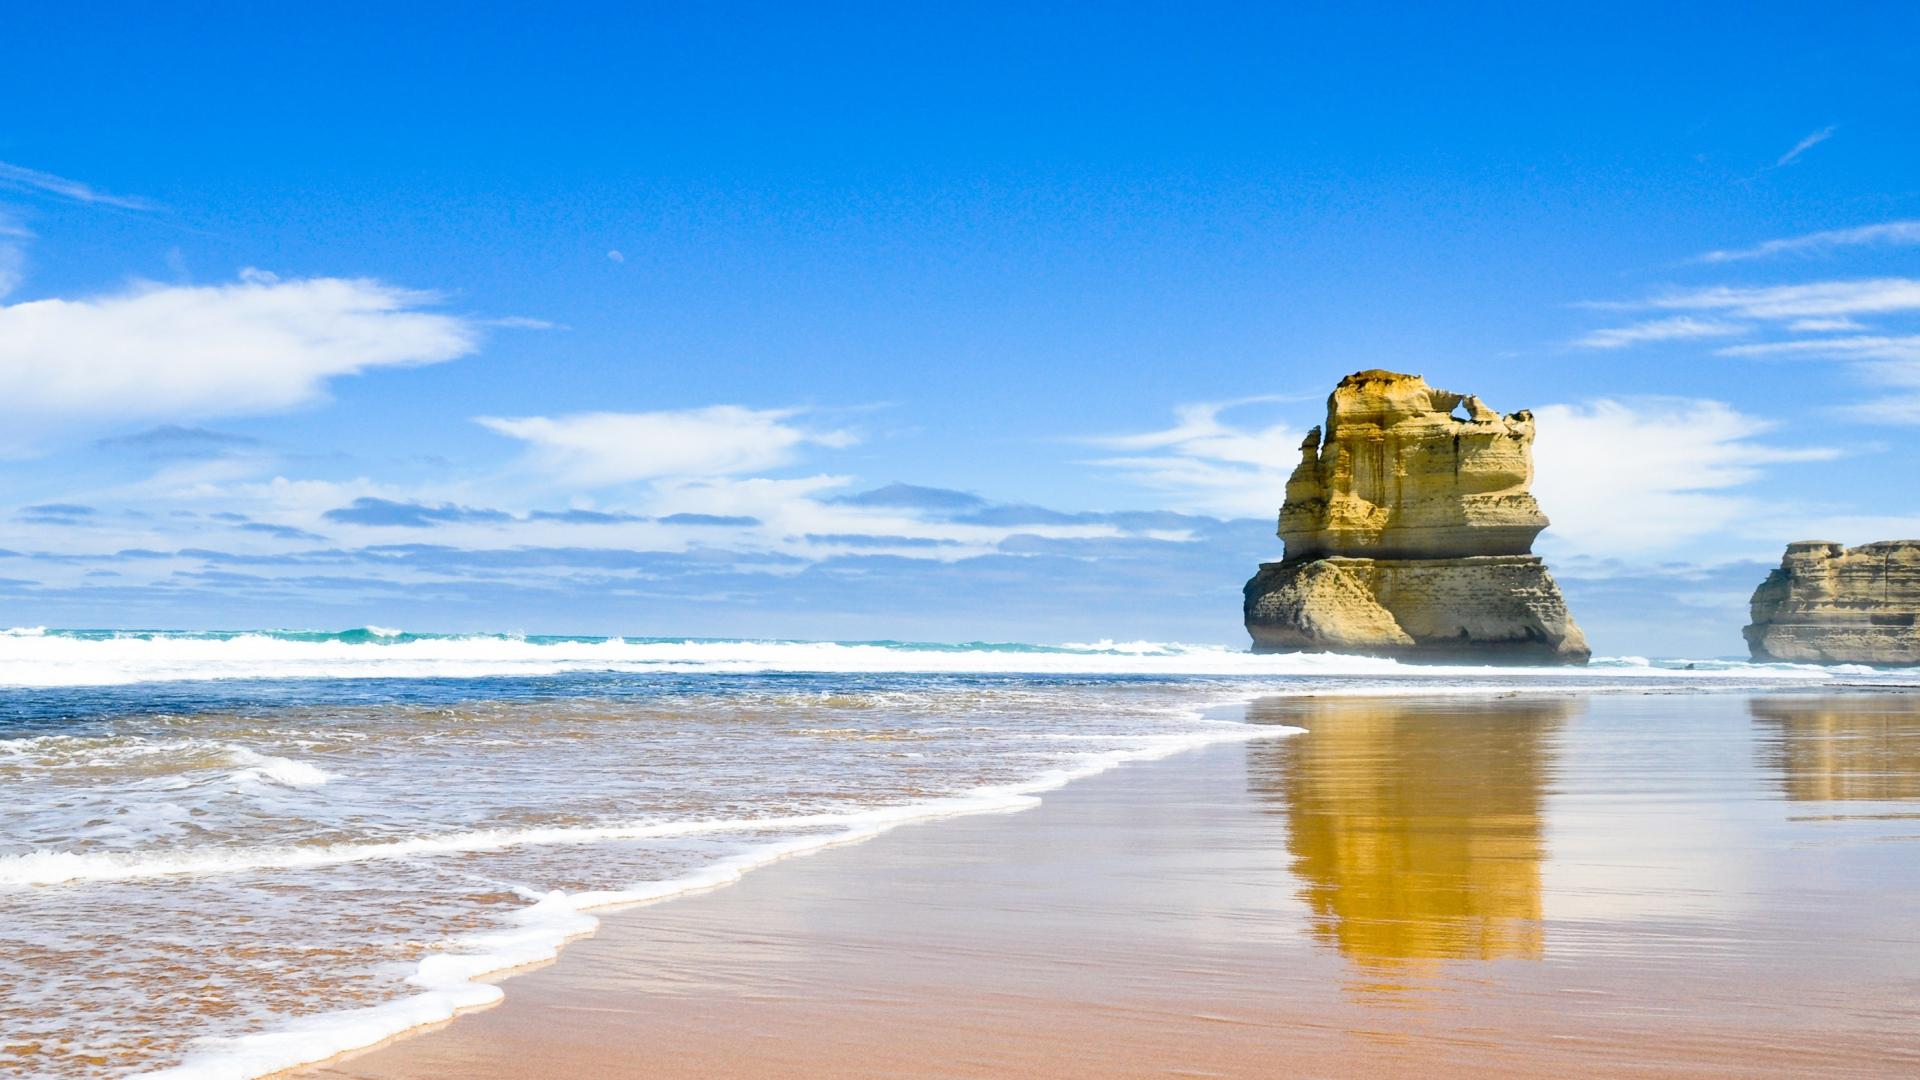 صور بحار ومحيطات جميلة في مناظر طبيعية خلابة